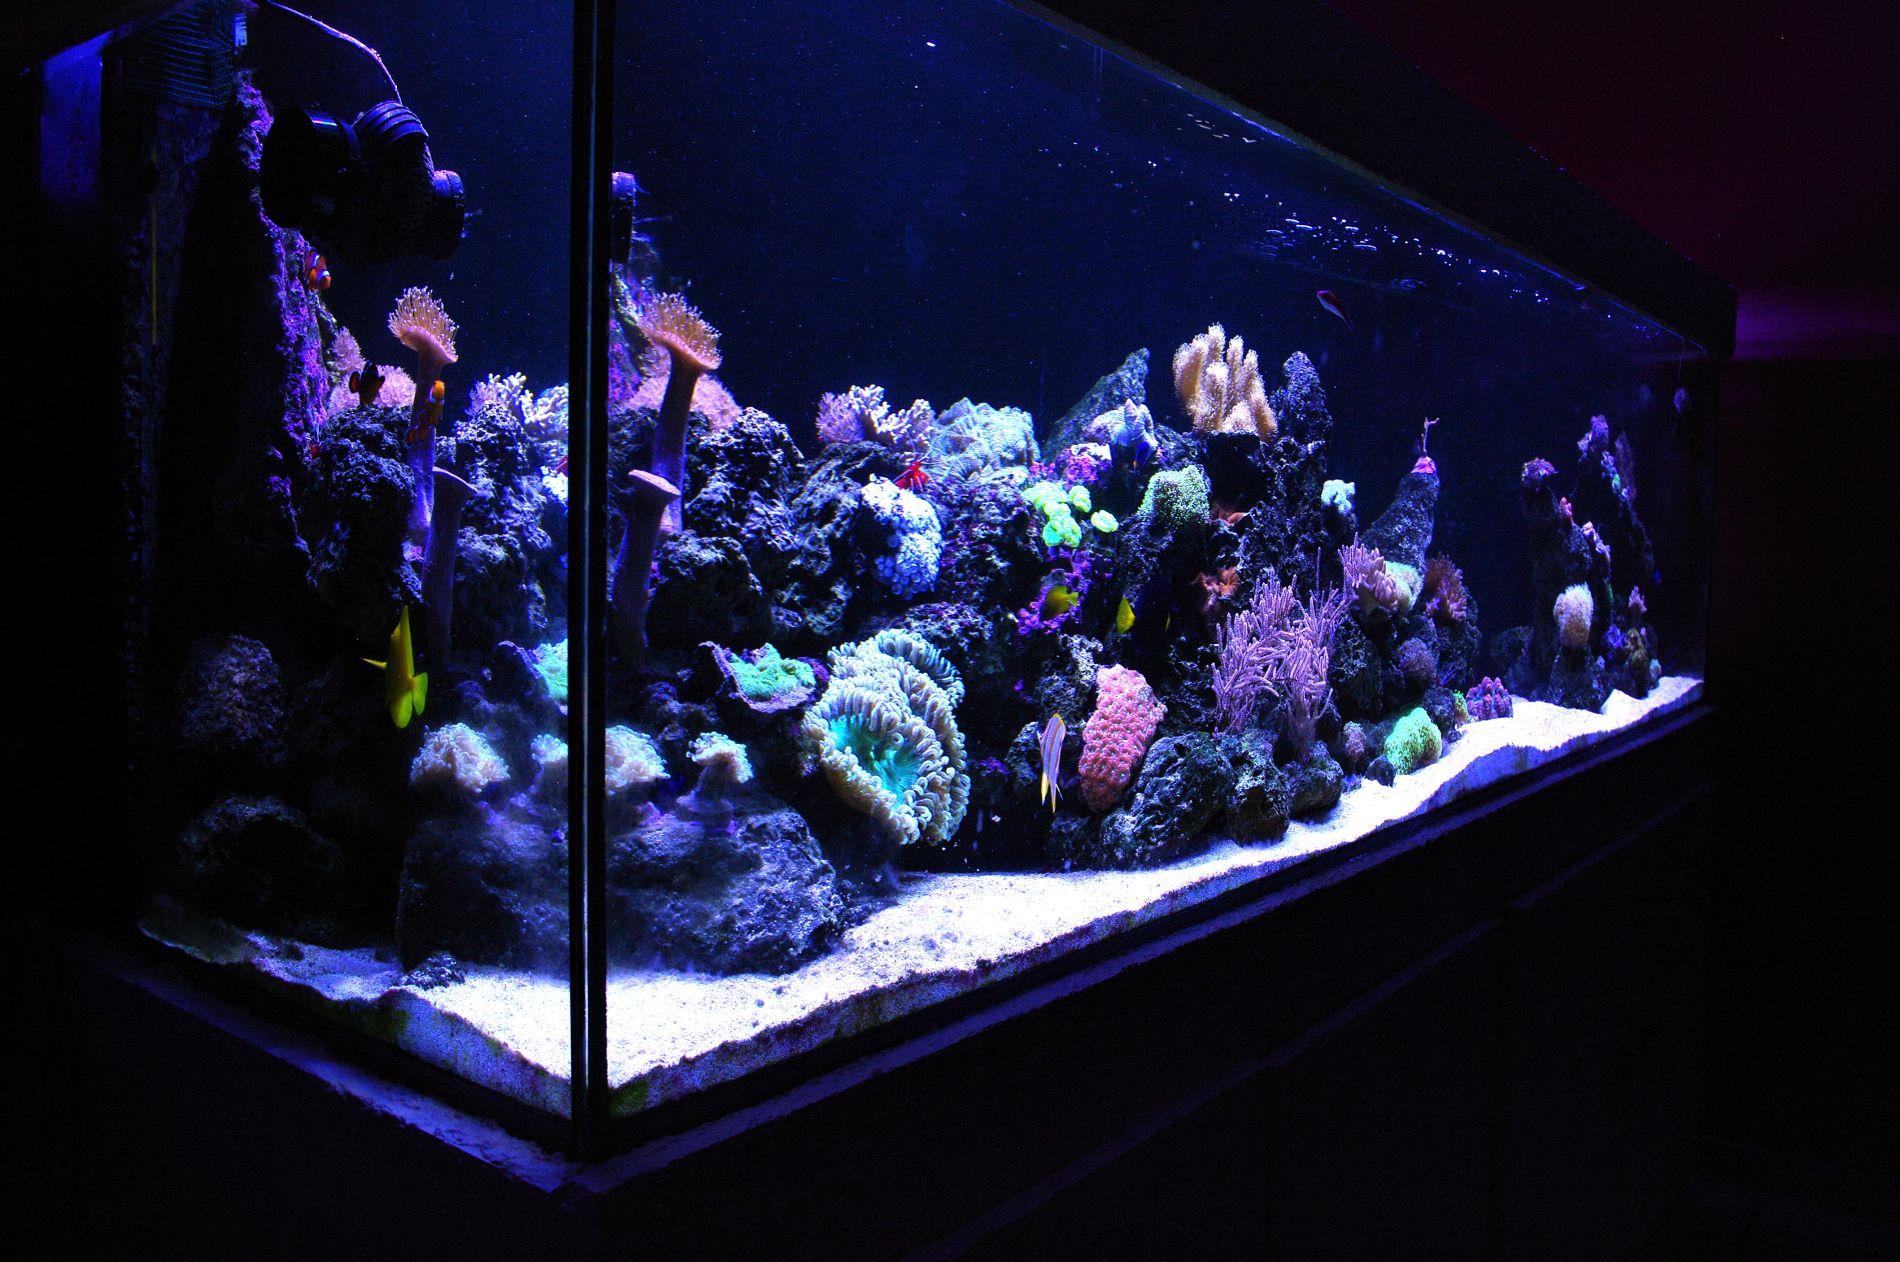 f1fb0d648bbe2c0fa369ce364e3a8ca3 Frais De Aquarium Tropical Schème